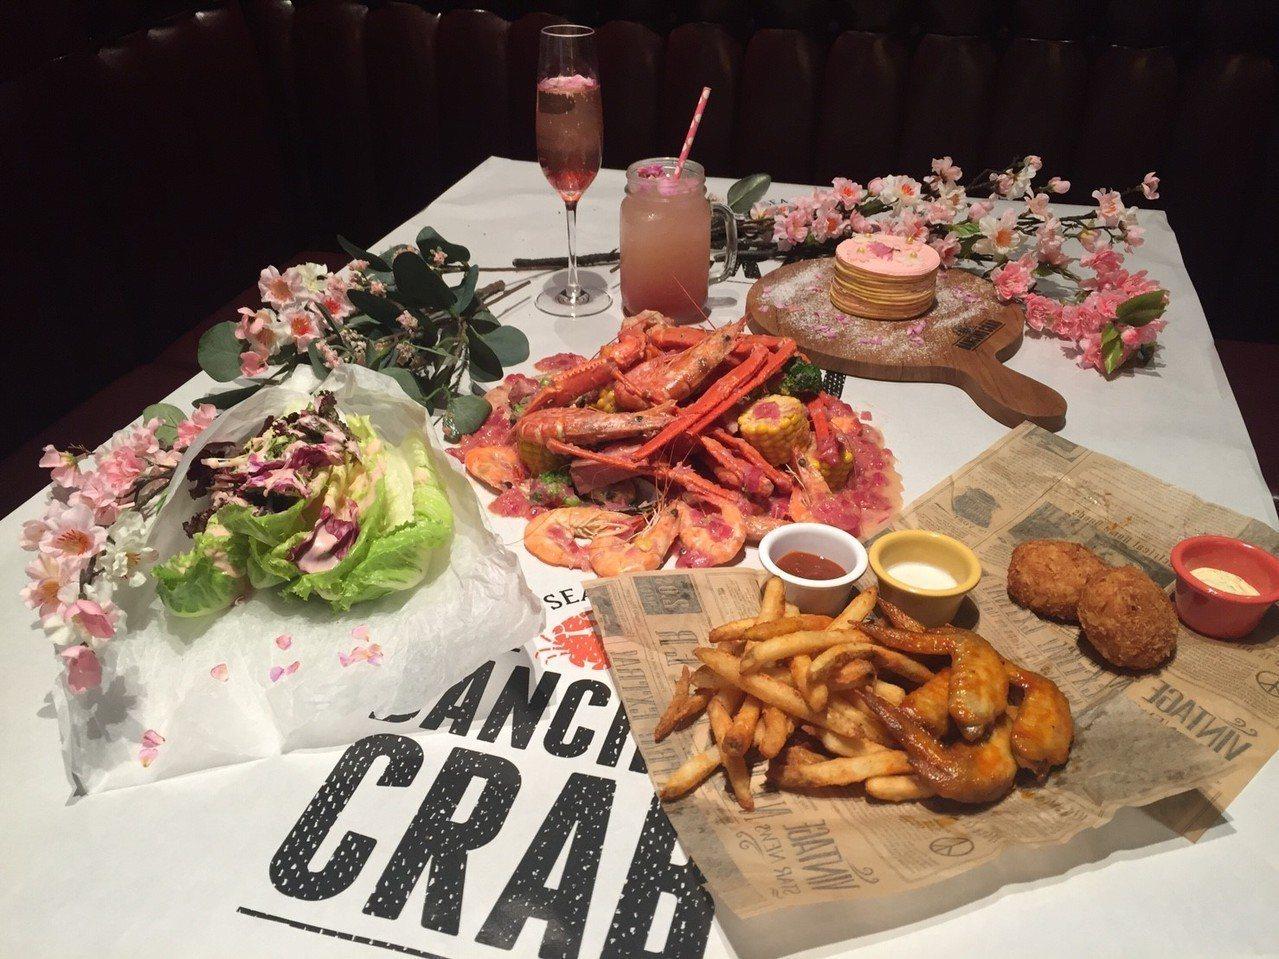 蟹舞期間限定推出「粉紅櫻花派對餐」,雙人價2,200元。圖/蟹舞提供